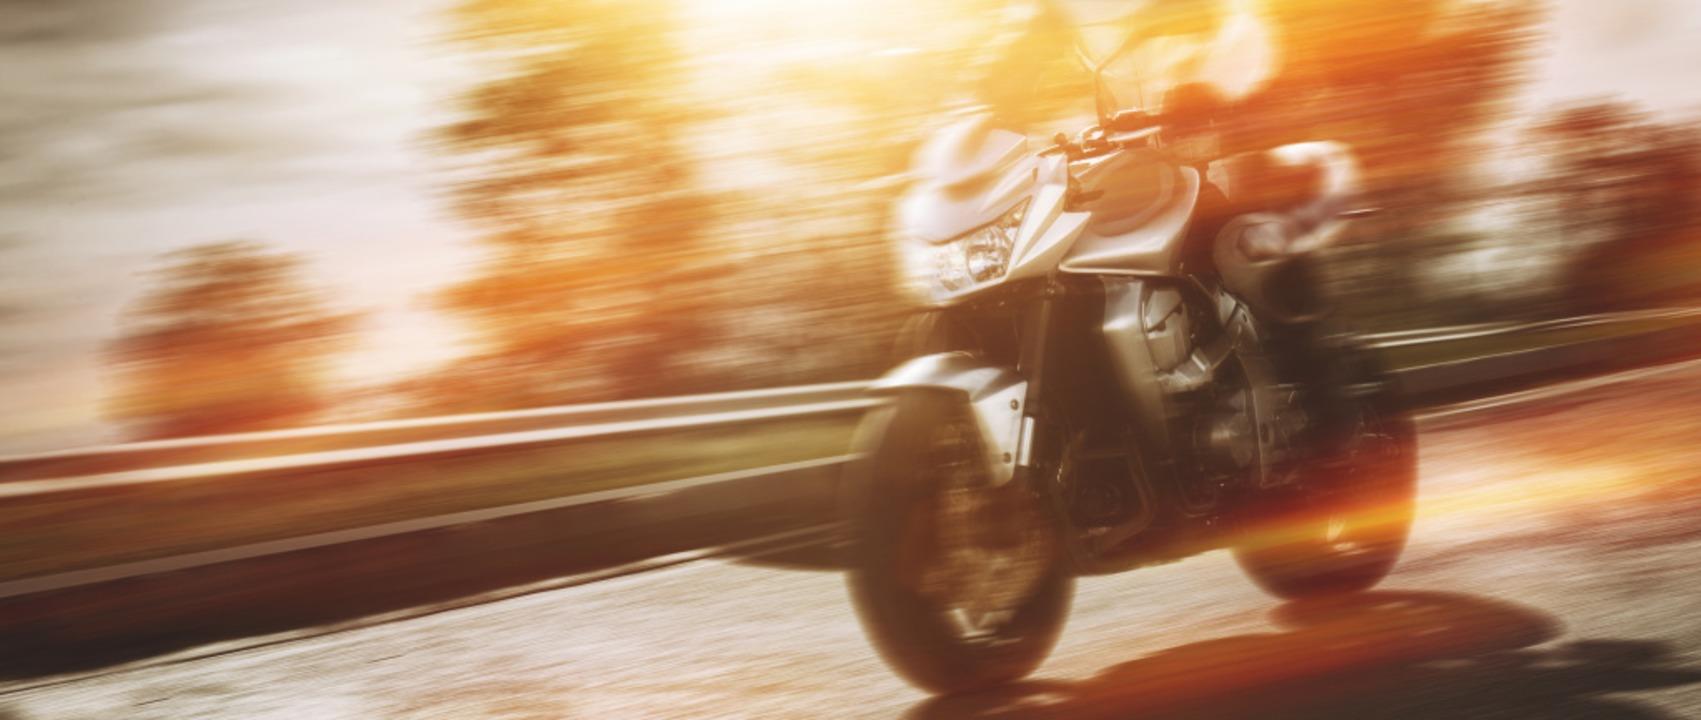 Zu laut? Nicht alle Motorradfahrer hal...eln und nehmen Rücksicht auf Anwohner.  | Foto: m.mphoto / stock.a.dobe.com